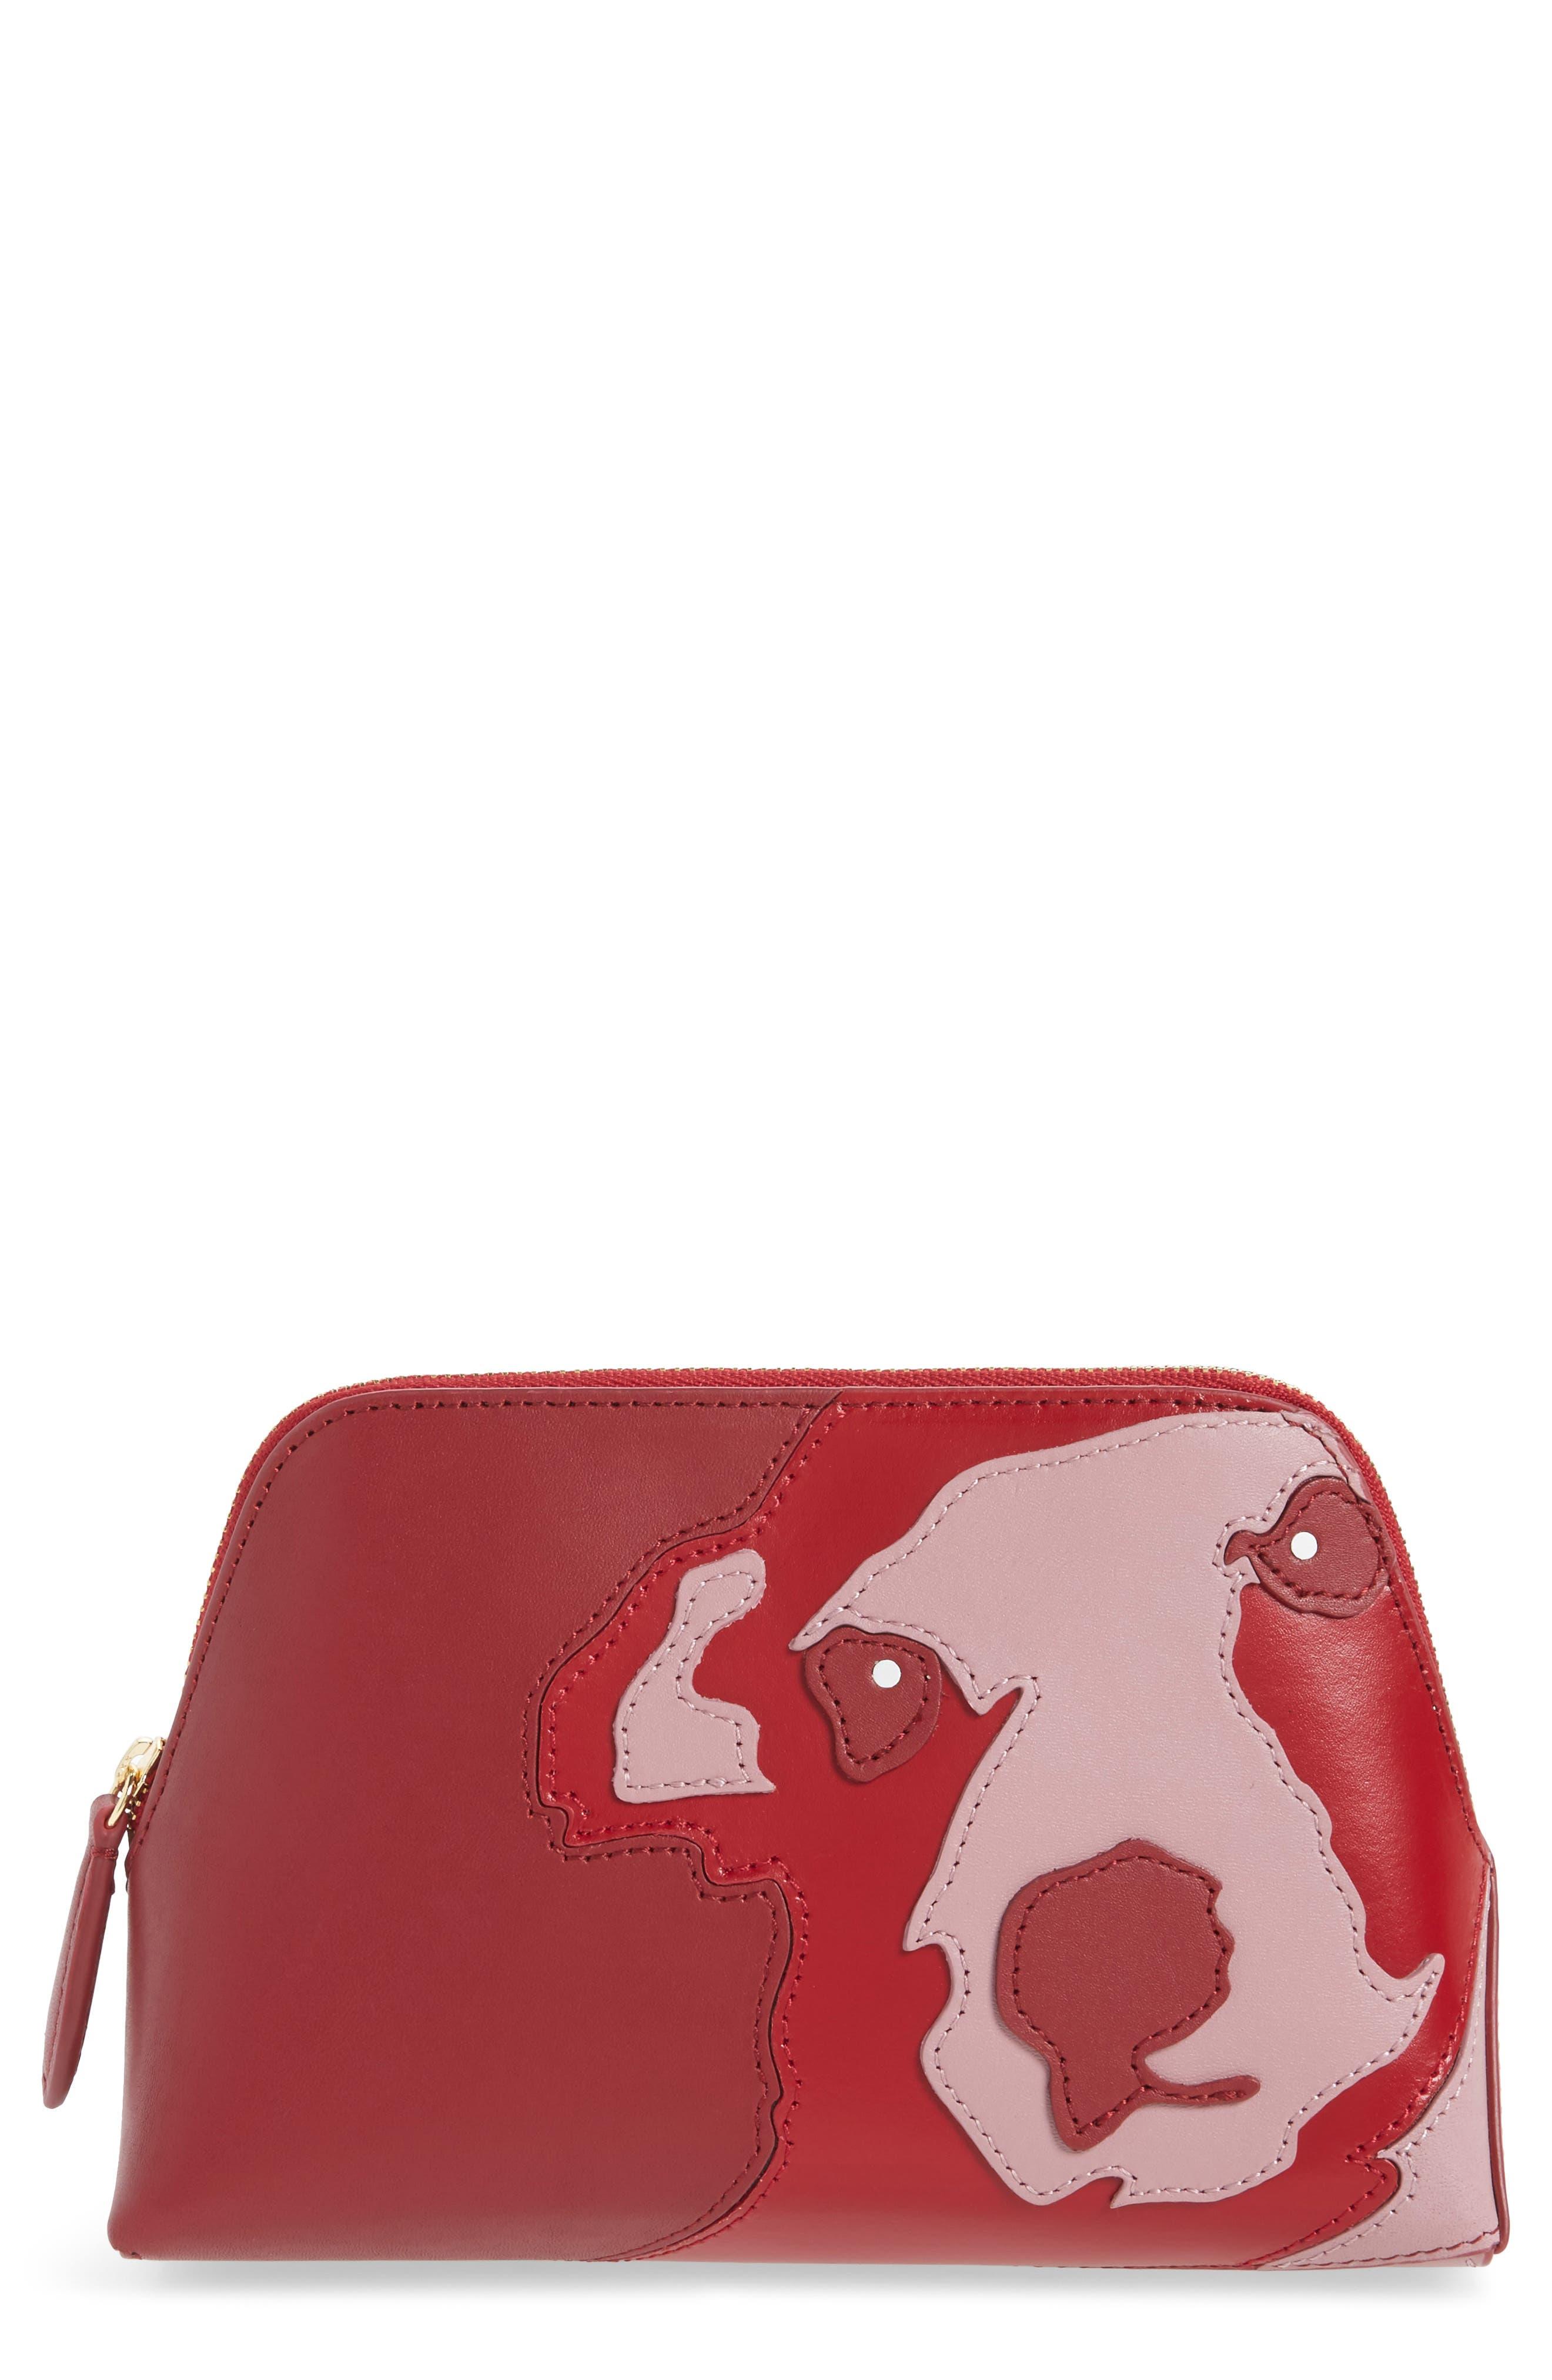 Diane von Furstenberg Leather Cosmetics Pouch